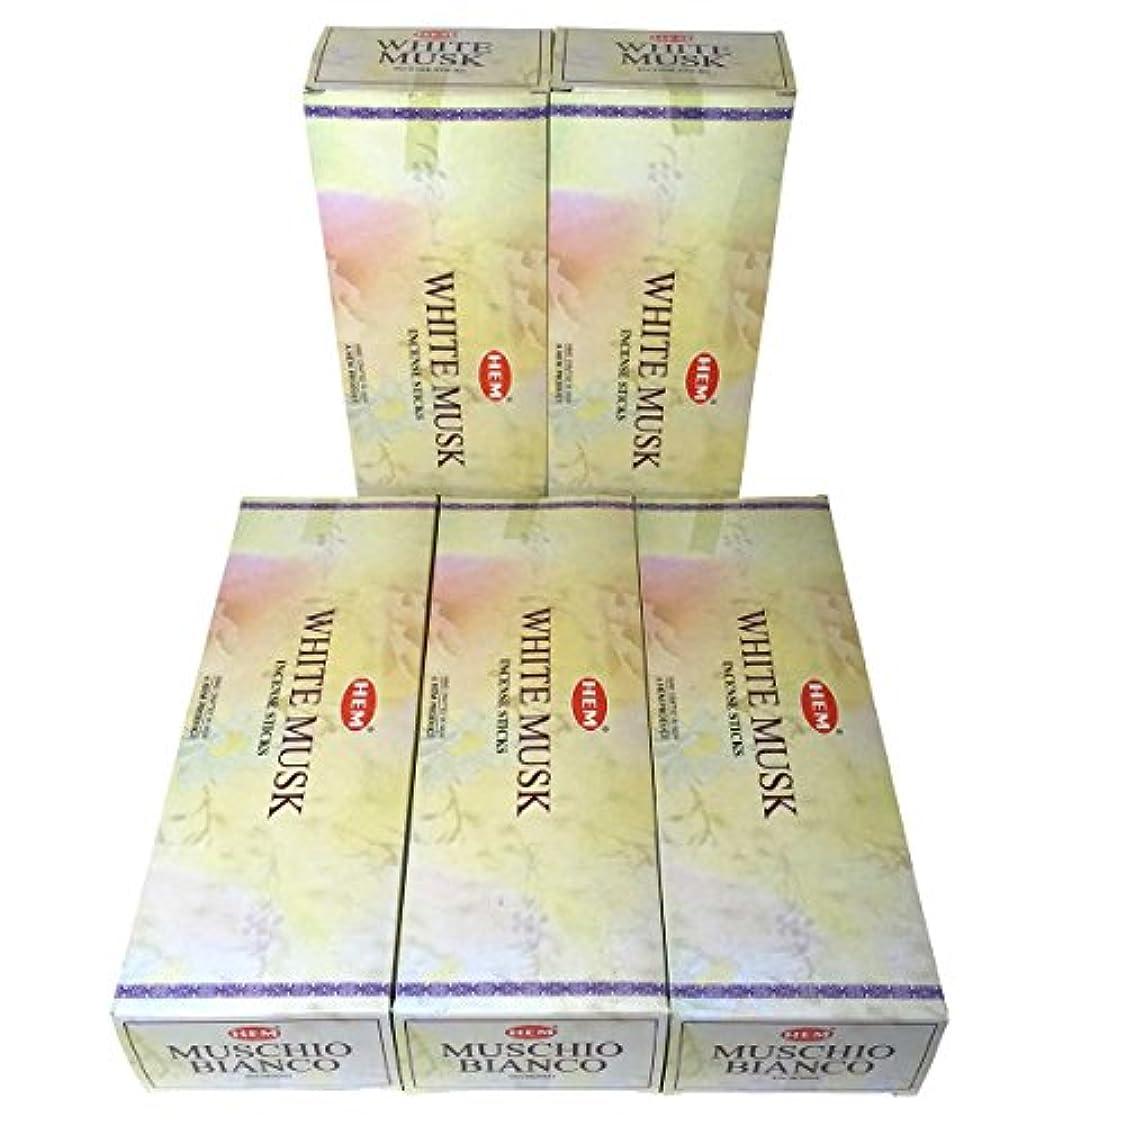 ヨーロッパビジョン買収HEM ホワイトムスク香 スティック 5BOX(30箱)/HEM WHITE MUSK/ インド香 / 送料無料 [並行輸入品]